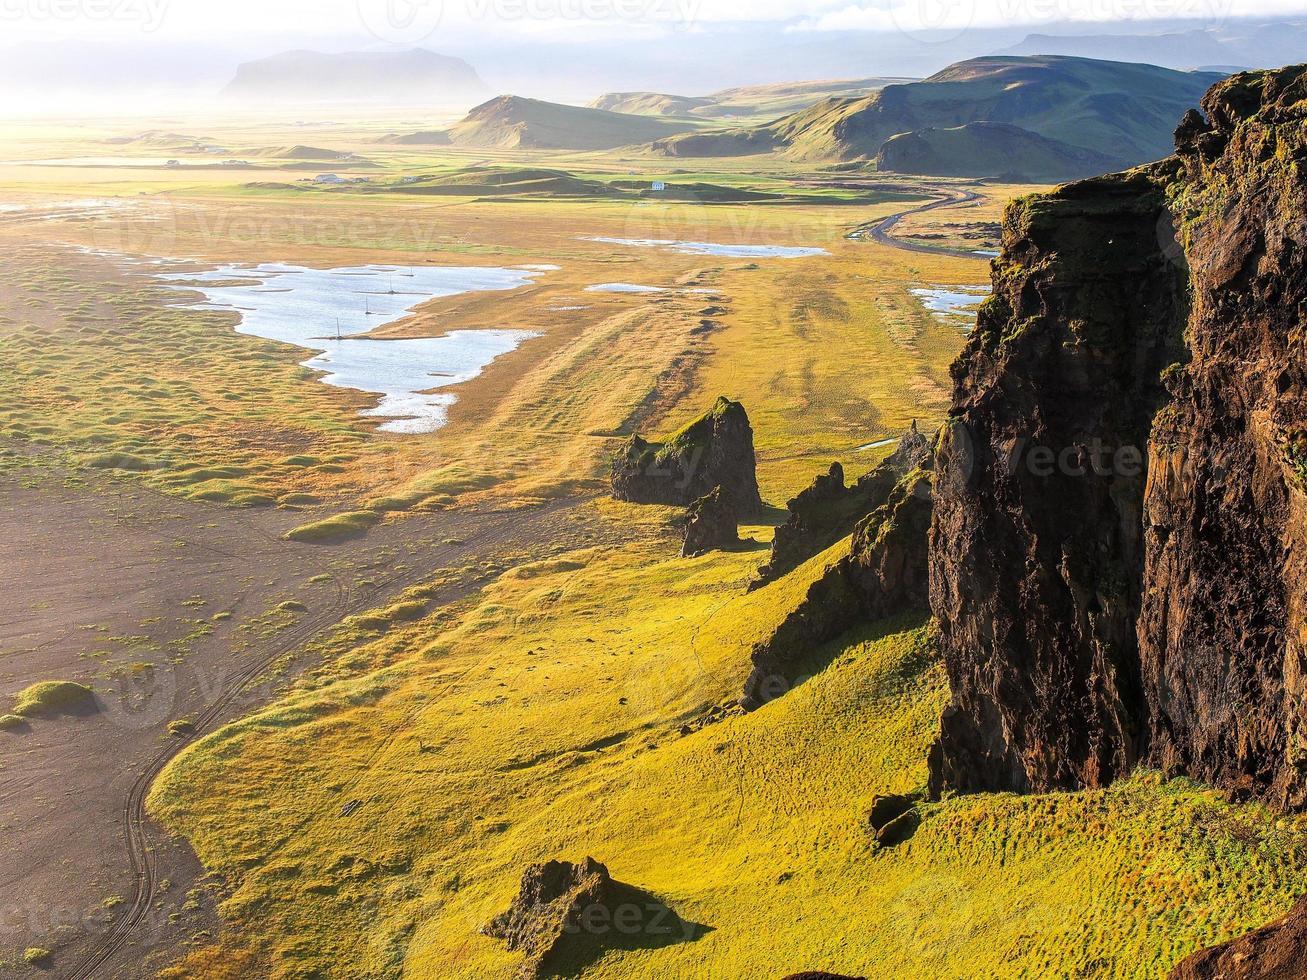 litoral da Islândia durante o pôr do sol. dyrholey, islândia foto